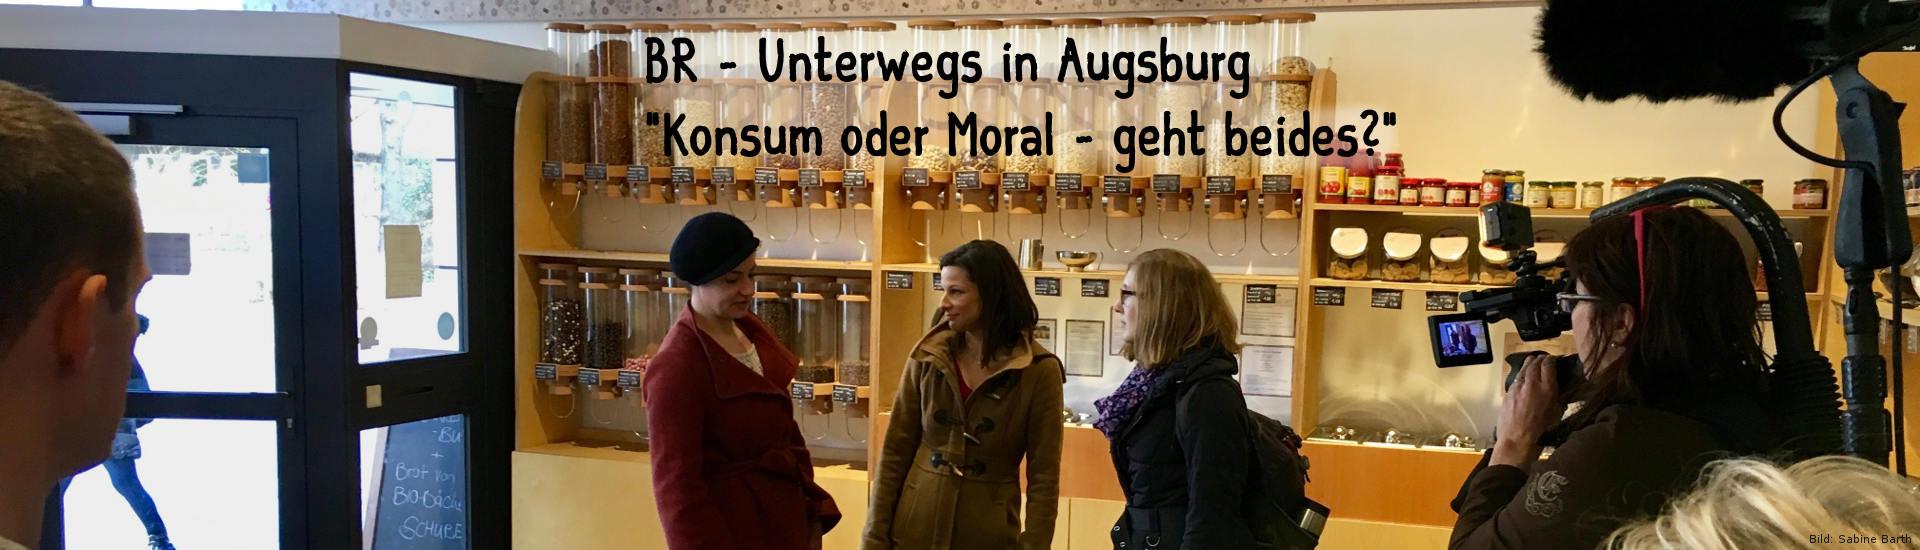 """Banner - BR """"Konsum oder Moral - geht auch beides?"""""""